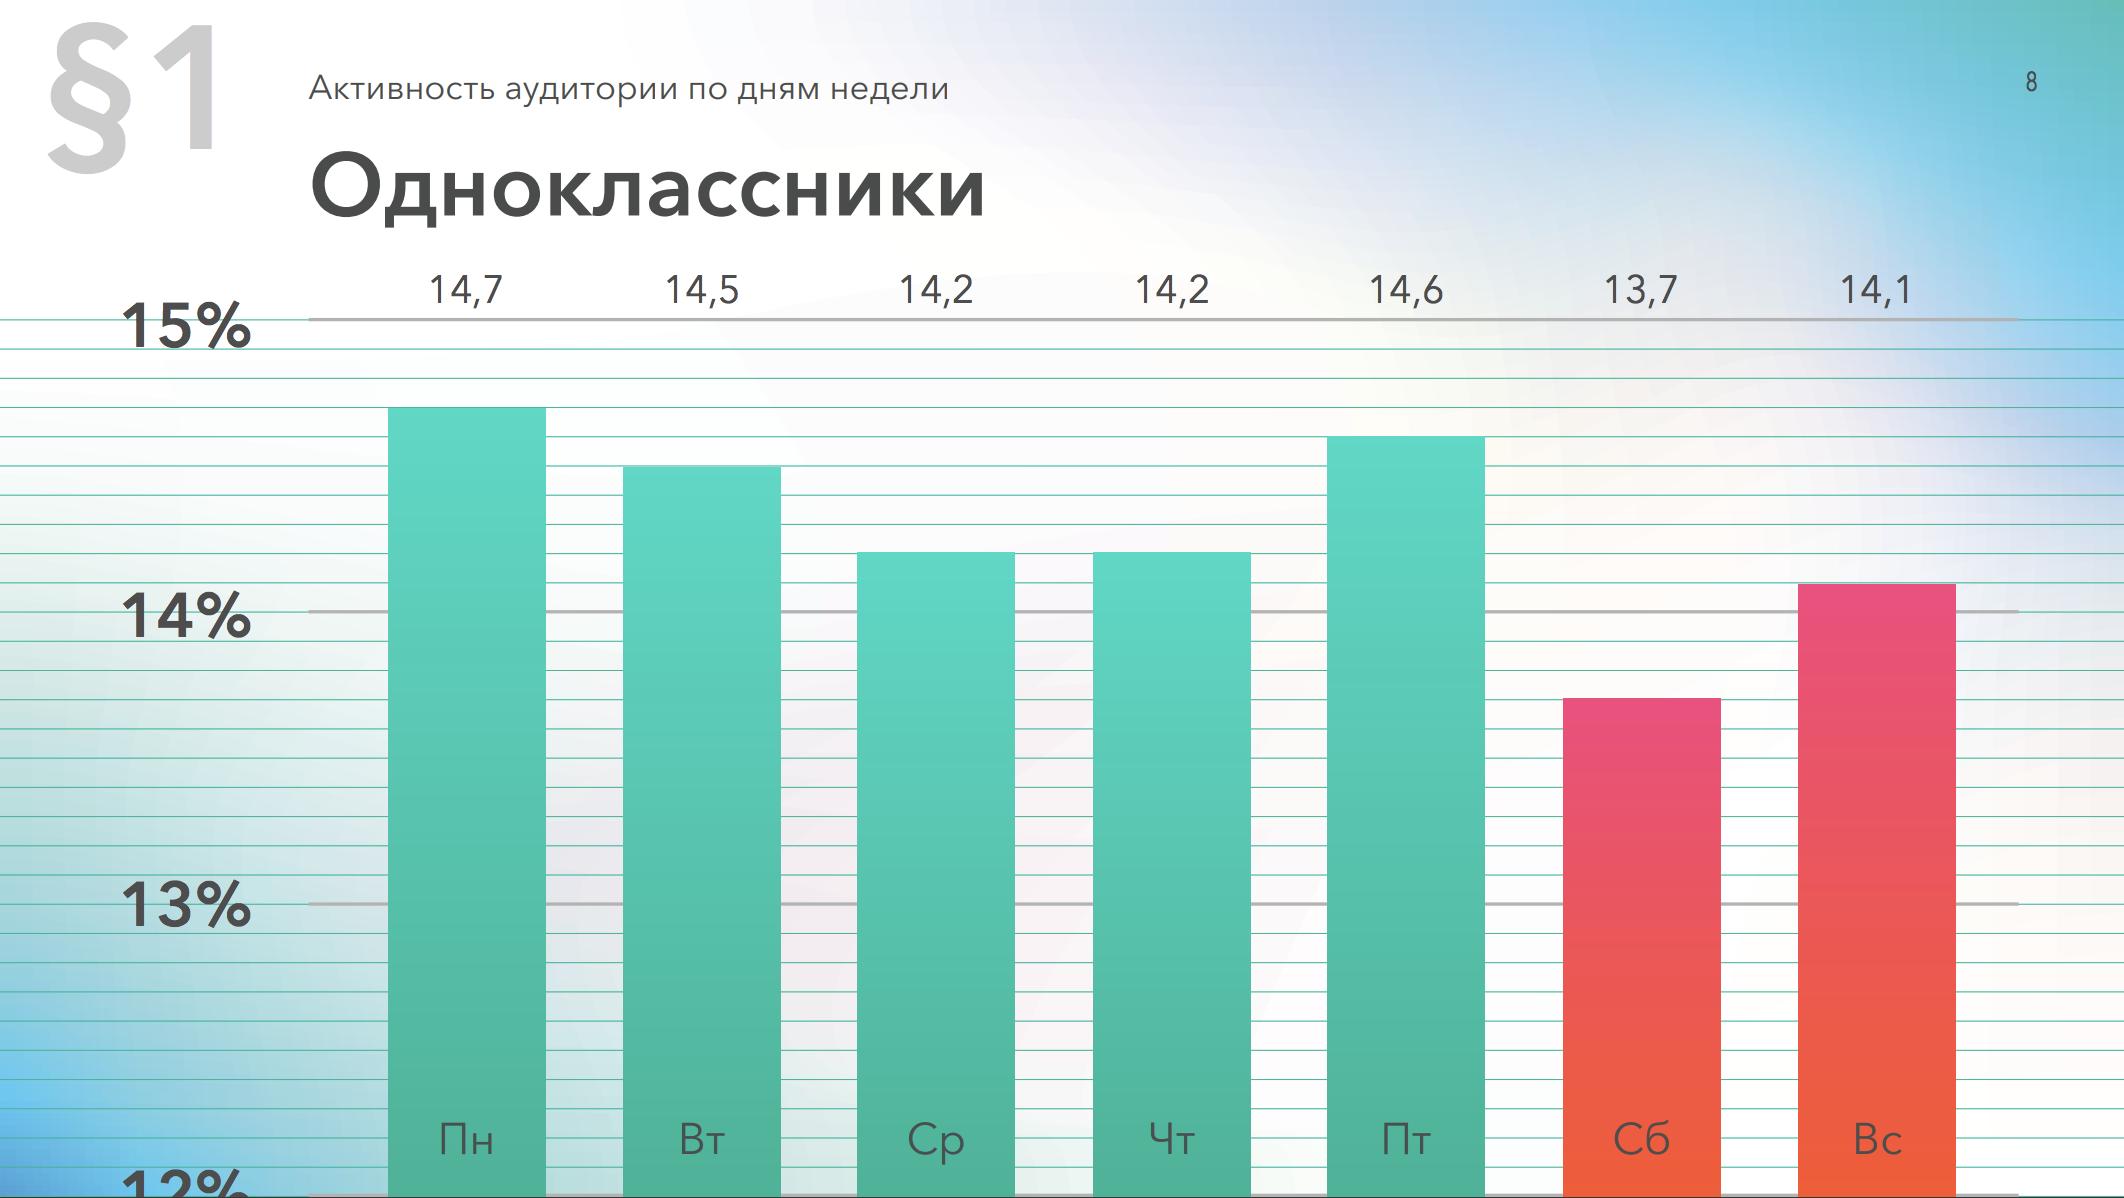 Активность аудитории в Одноклассниках по дням недели, данные за 2019 год